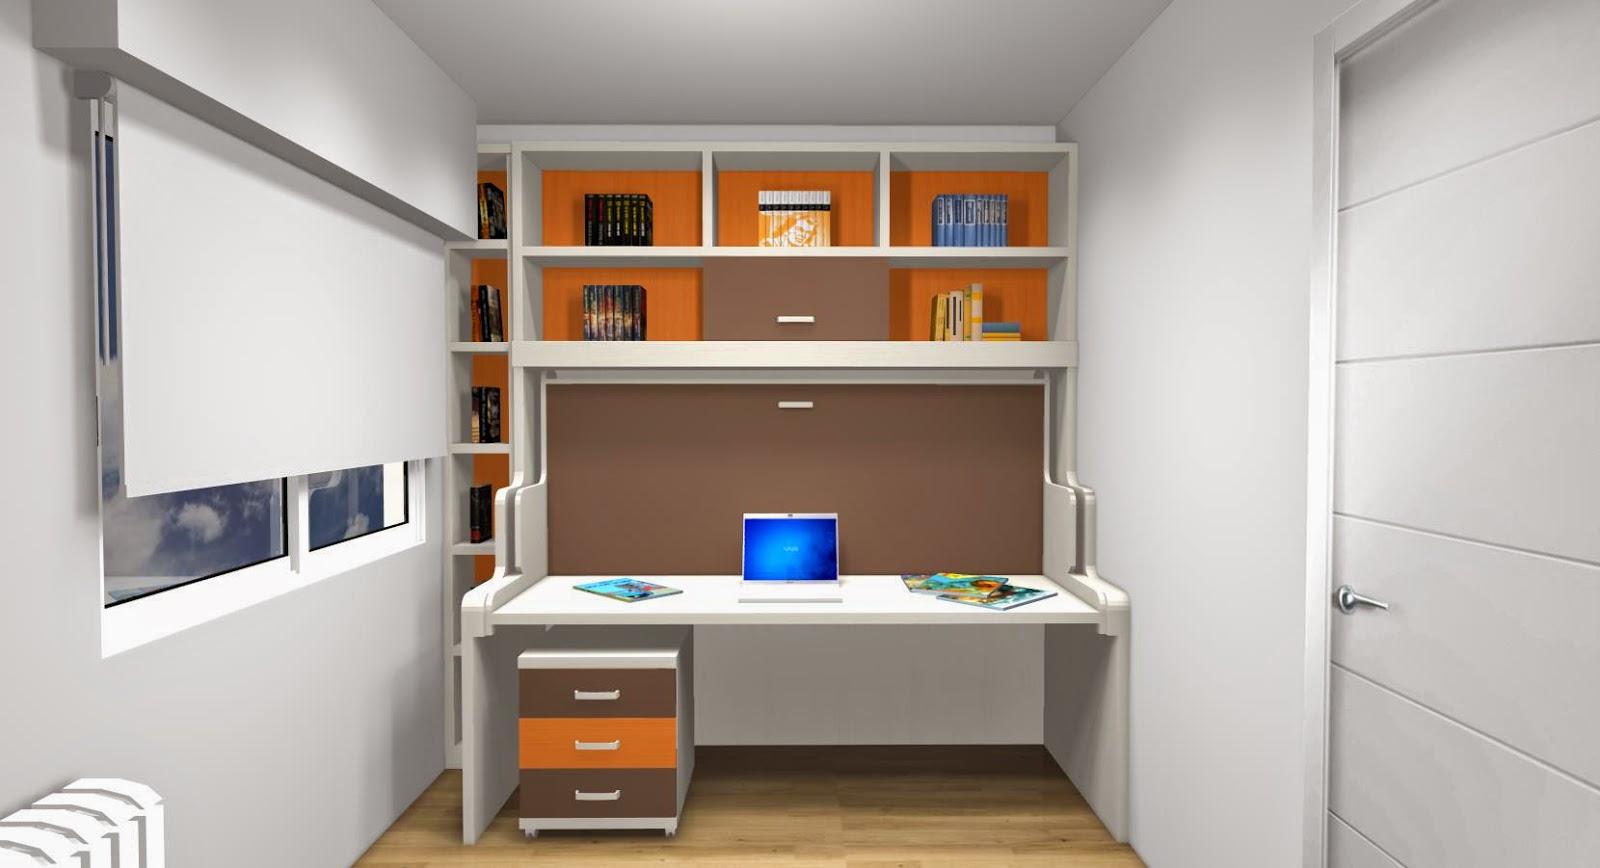 Dise ar dormitorio con escritorio casa dise o casa dise o - Escritorio dormitorio ...